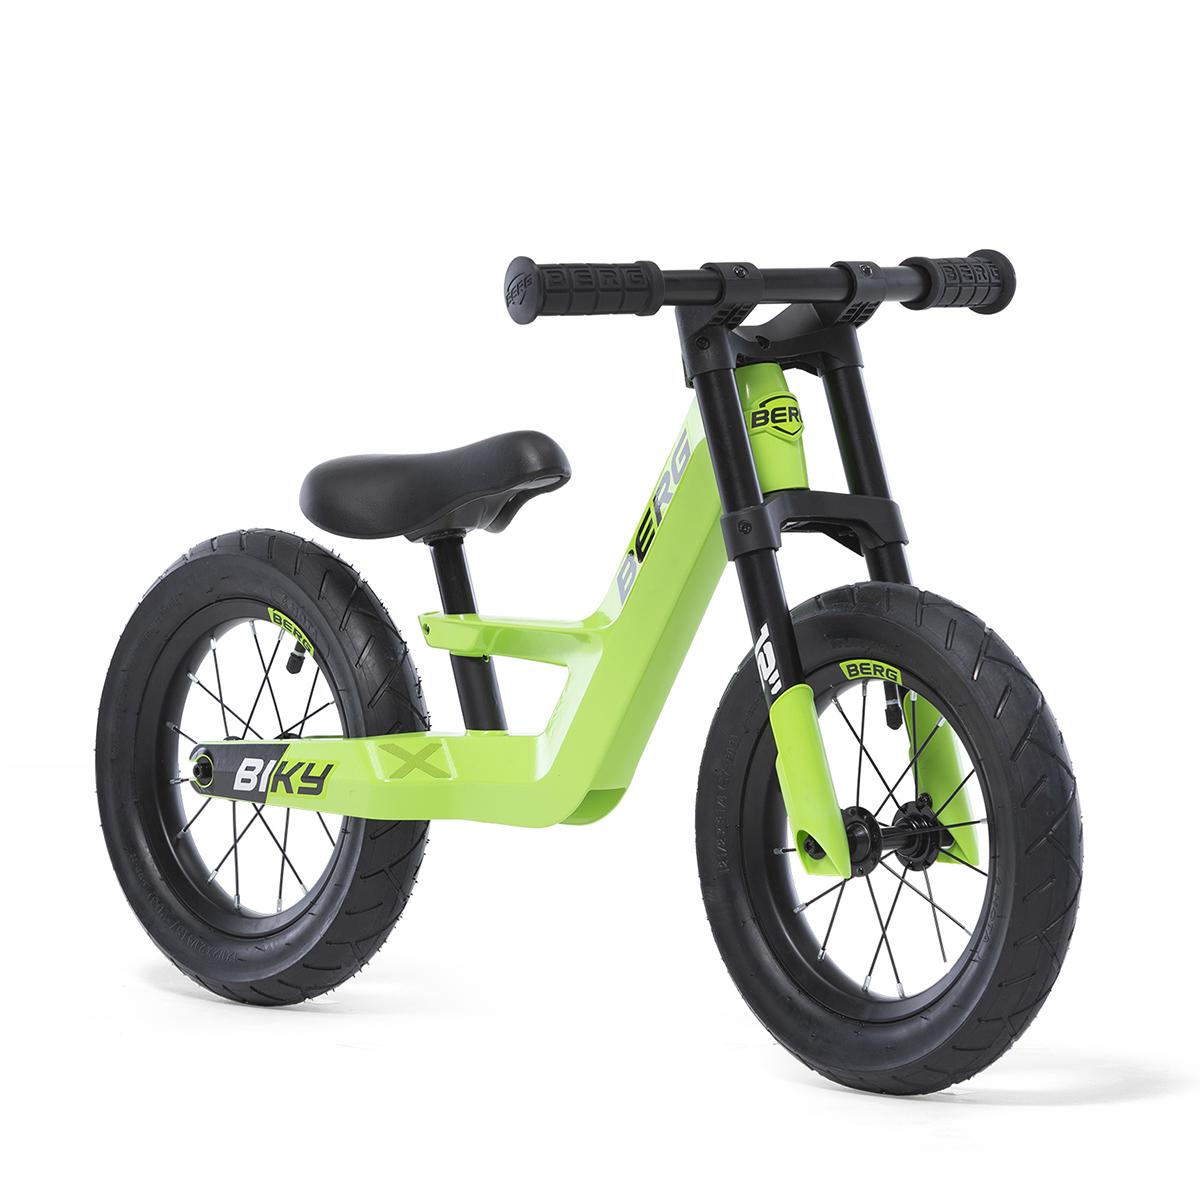 Draisienne Berg Biky City Vert - De 2,5 à 5 ans